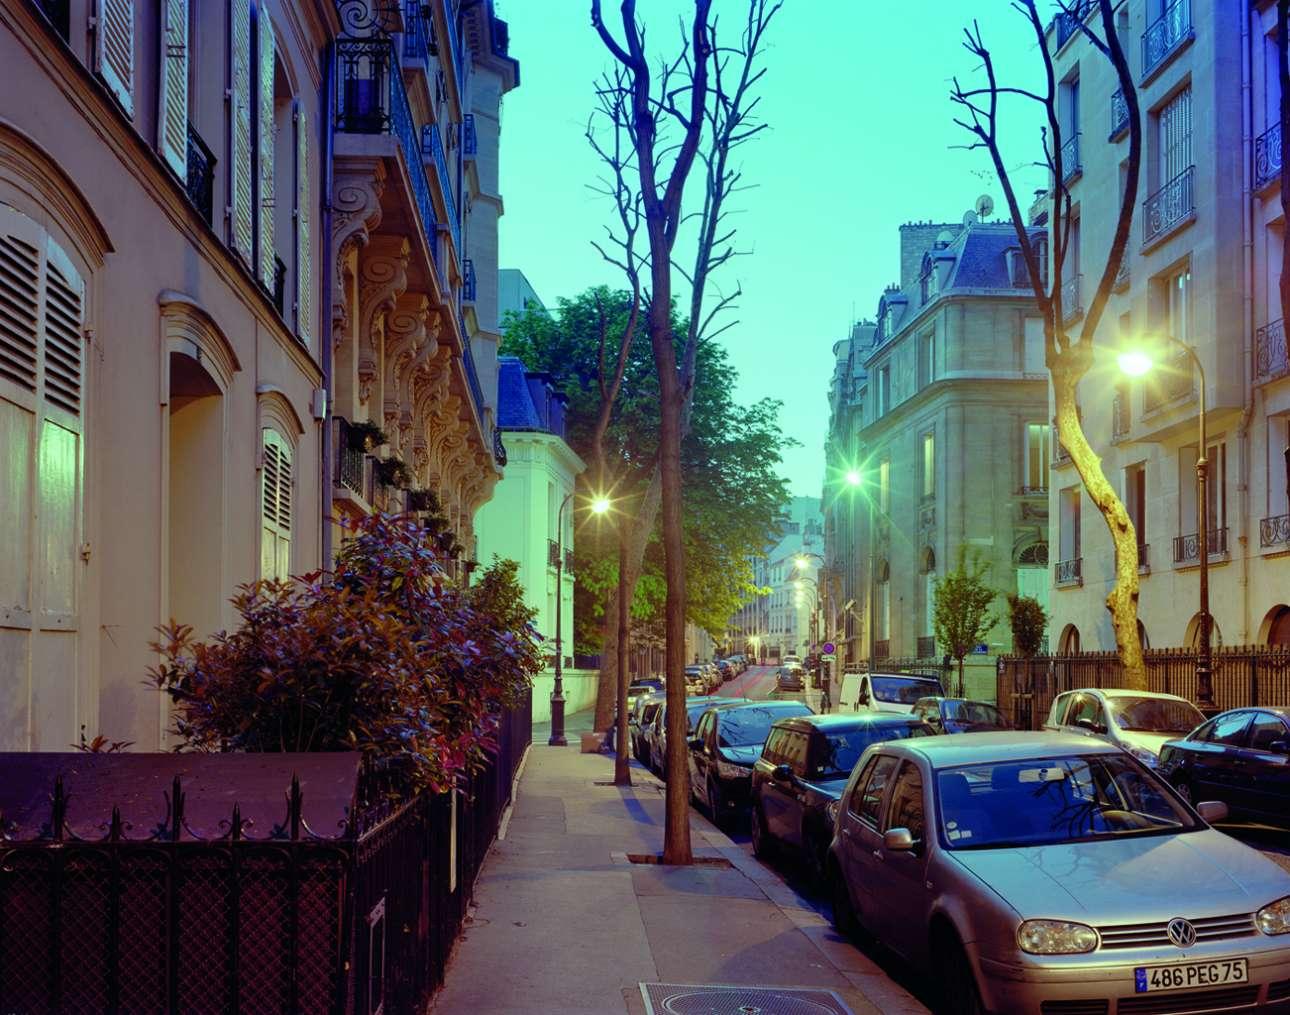 Τζιν Σίμπεργκ, Rue du Général-Appert, Παρίσι, 30 Αυγούστου 1979. Το καλοκαίρι έχει φτάσει στο τέλος του. Η εμβληματική ηθοποιός της Nouvelle Vague κλείνεται μέσα στο Ρενό της, το οποίο είναι παρκαρισμένο σε έναν ήσυχο δρόμο, με αλκοόλ και βαρβιτουρικά. Τυλίγεται κάτω από μια κουβέρτα. Δεδομένου ότι ο δρόμος είναι τόσος ήσυχος, κανείς δεν την προσέχει για εννέα ημέρες. Μέχρι που ένας περαστικός, συνοδευόμενος από σκυλί, ανησυχεί για τη μυρωδιά